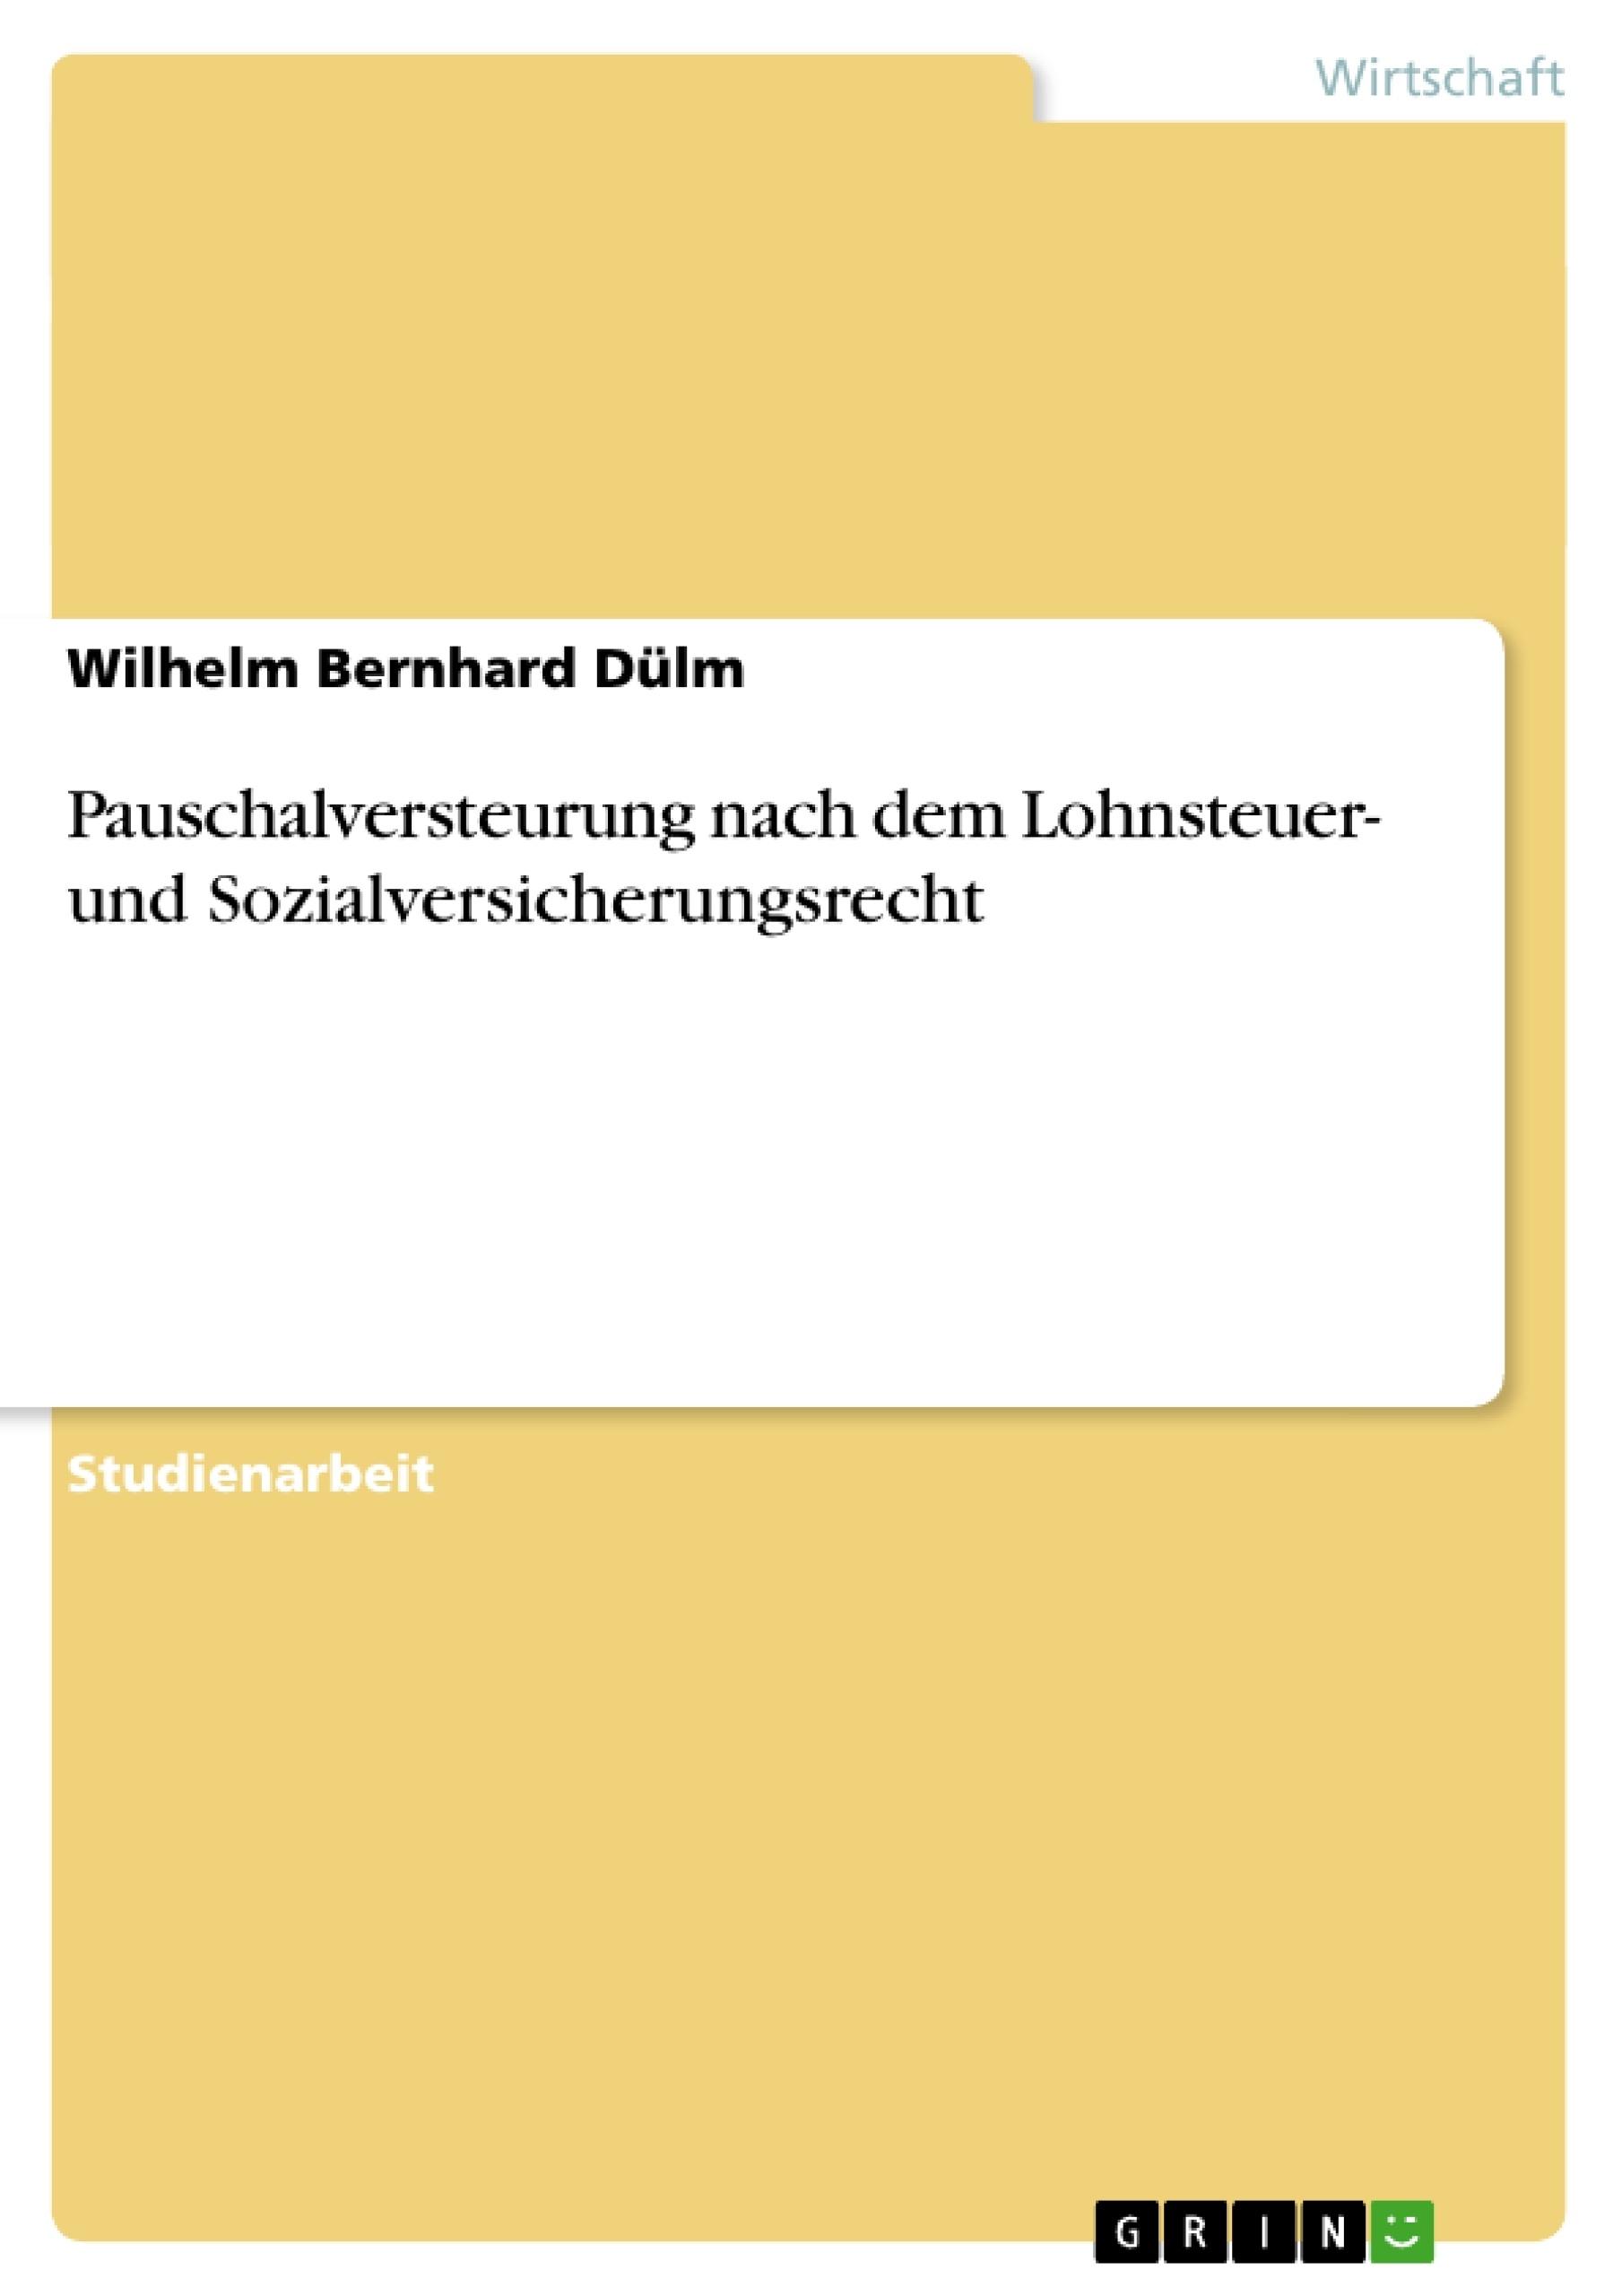 Titel: Pauschalversteurung nach dem Lohnsteuer- und Sozialversicherungsrecht